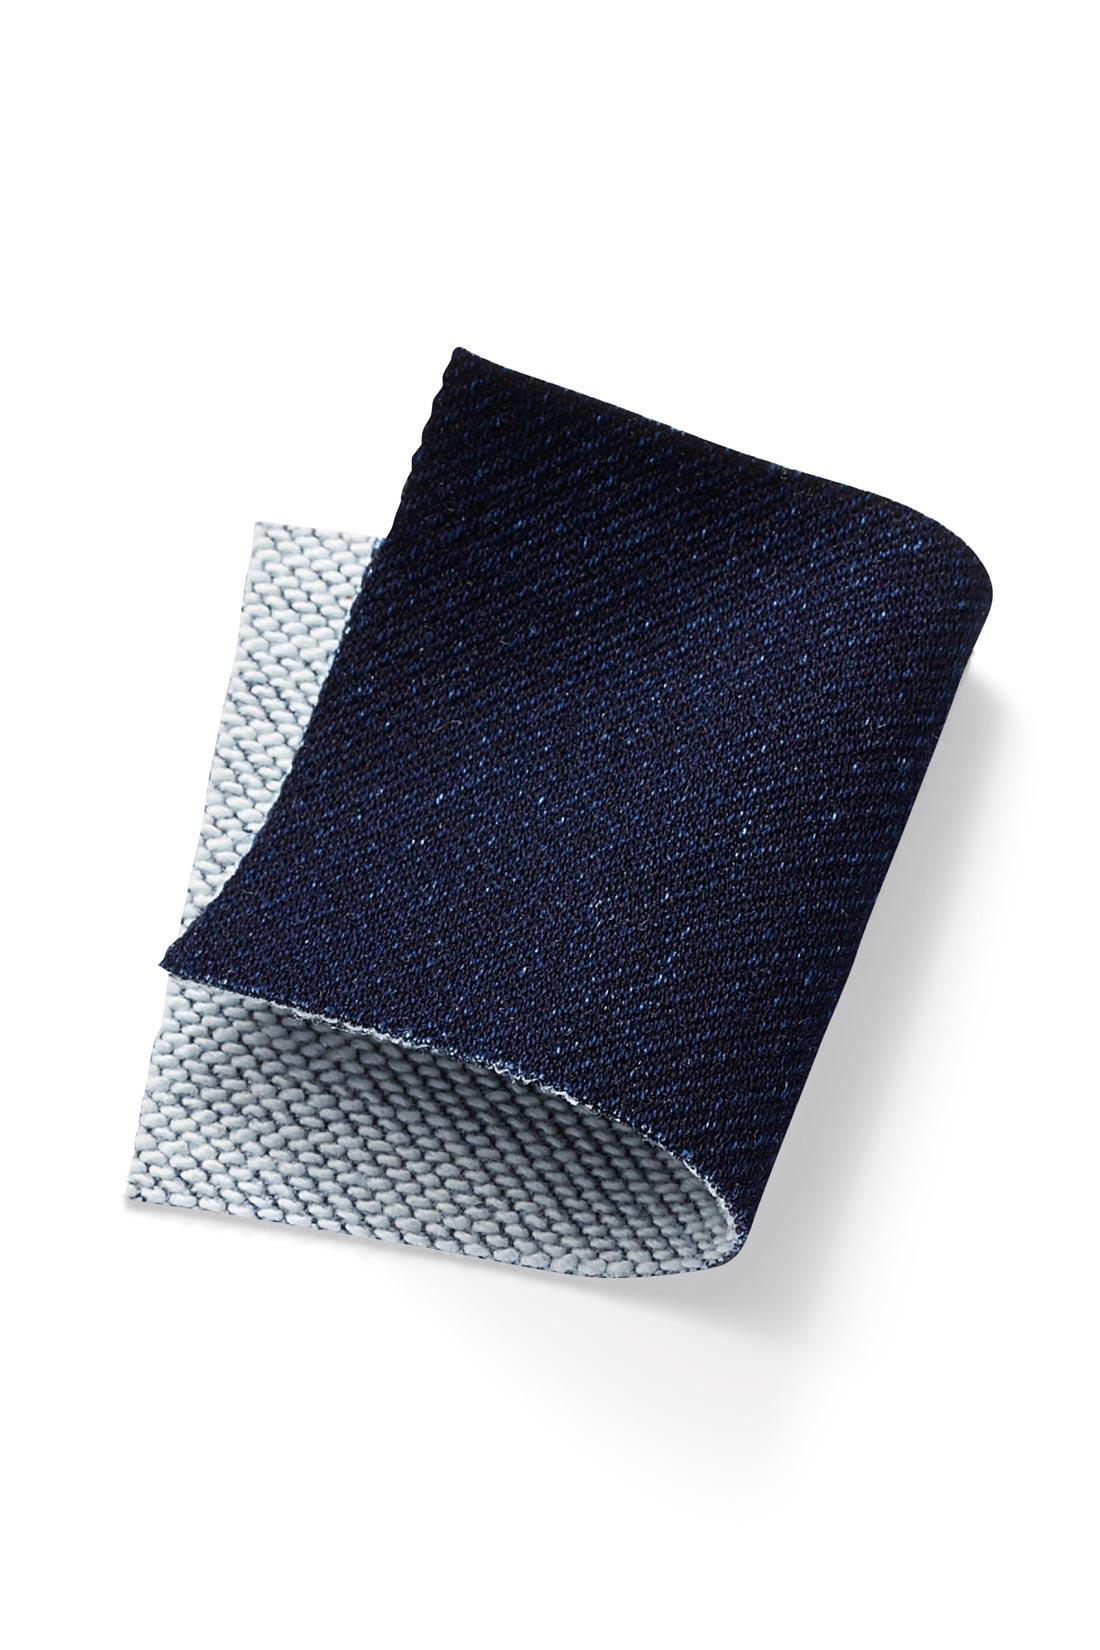 カットソーのように伸びる、やわらかな二重織りデニム素材。伸縮性がよく、伸びっぱなしにならないのも魅力。